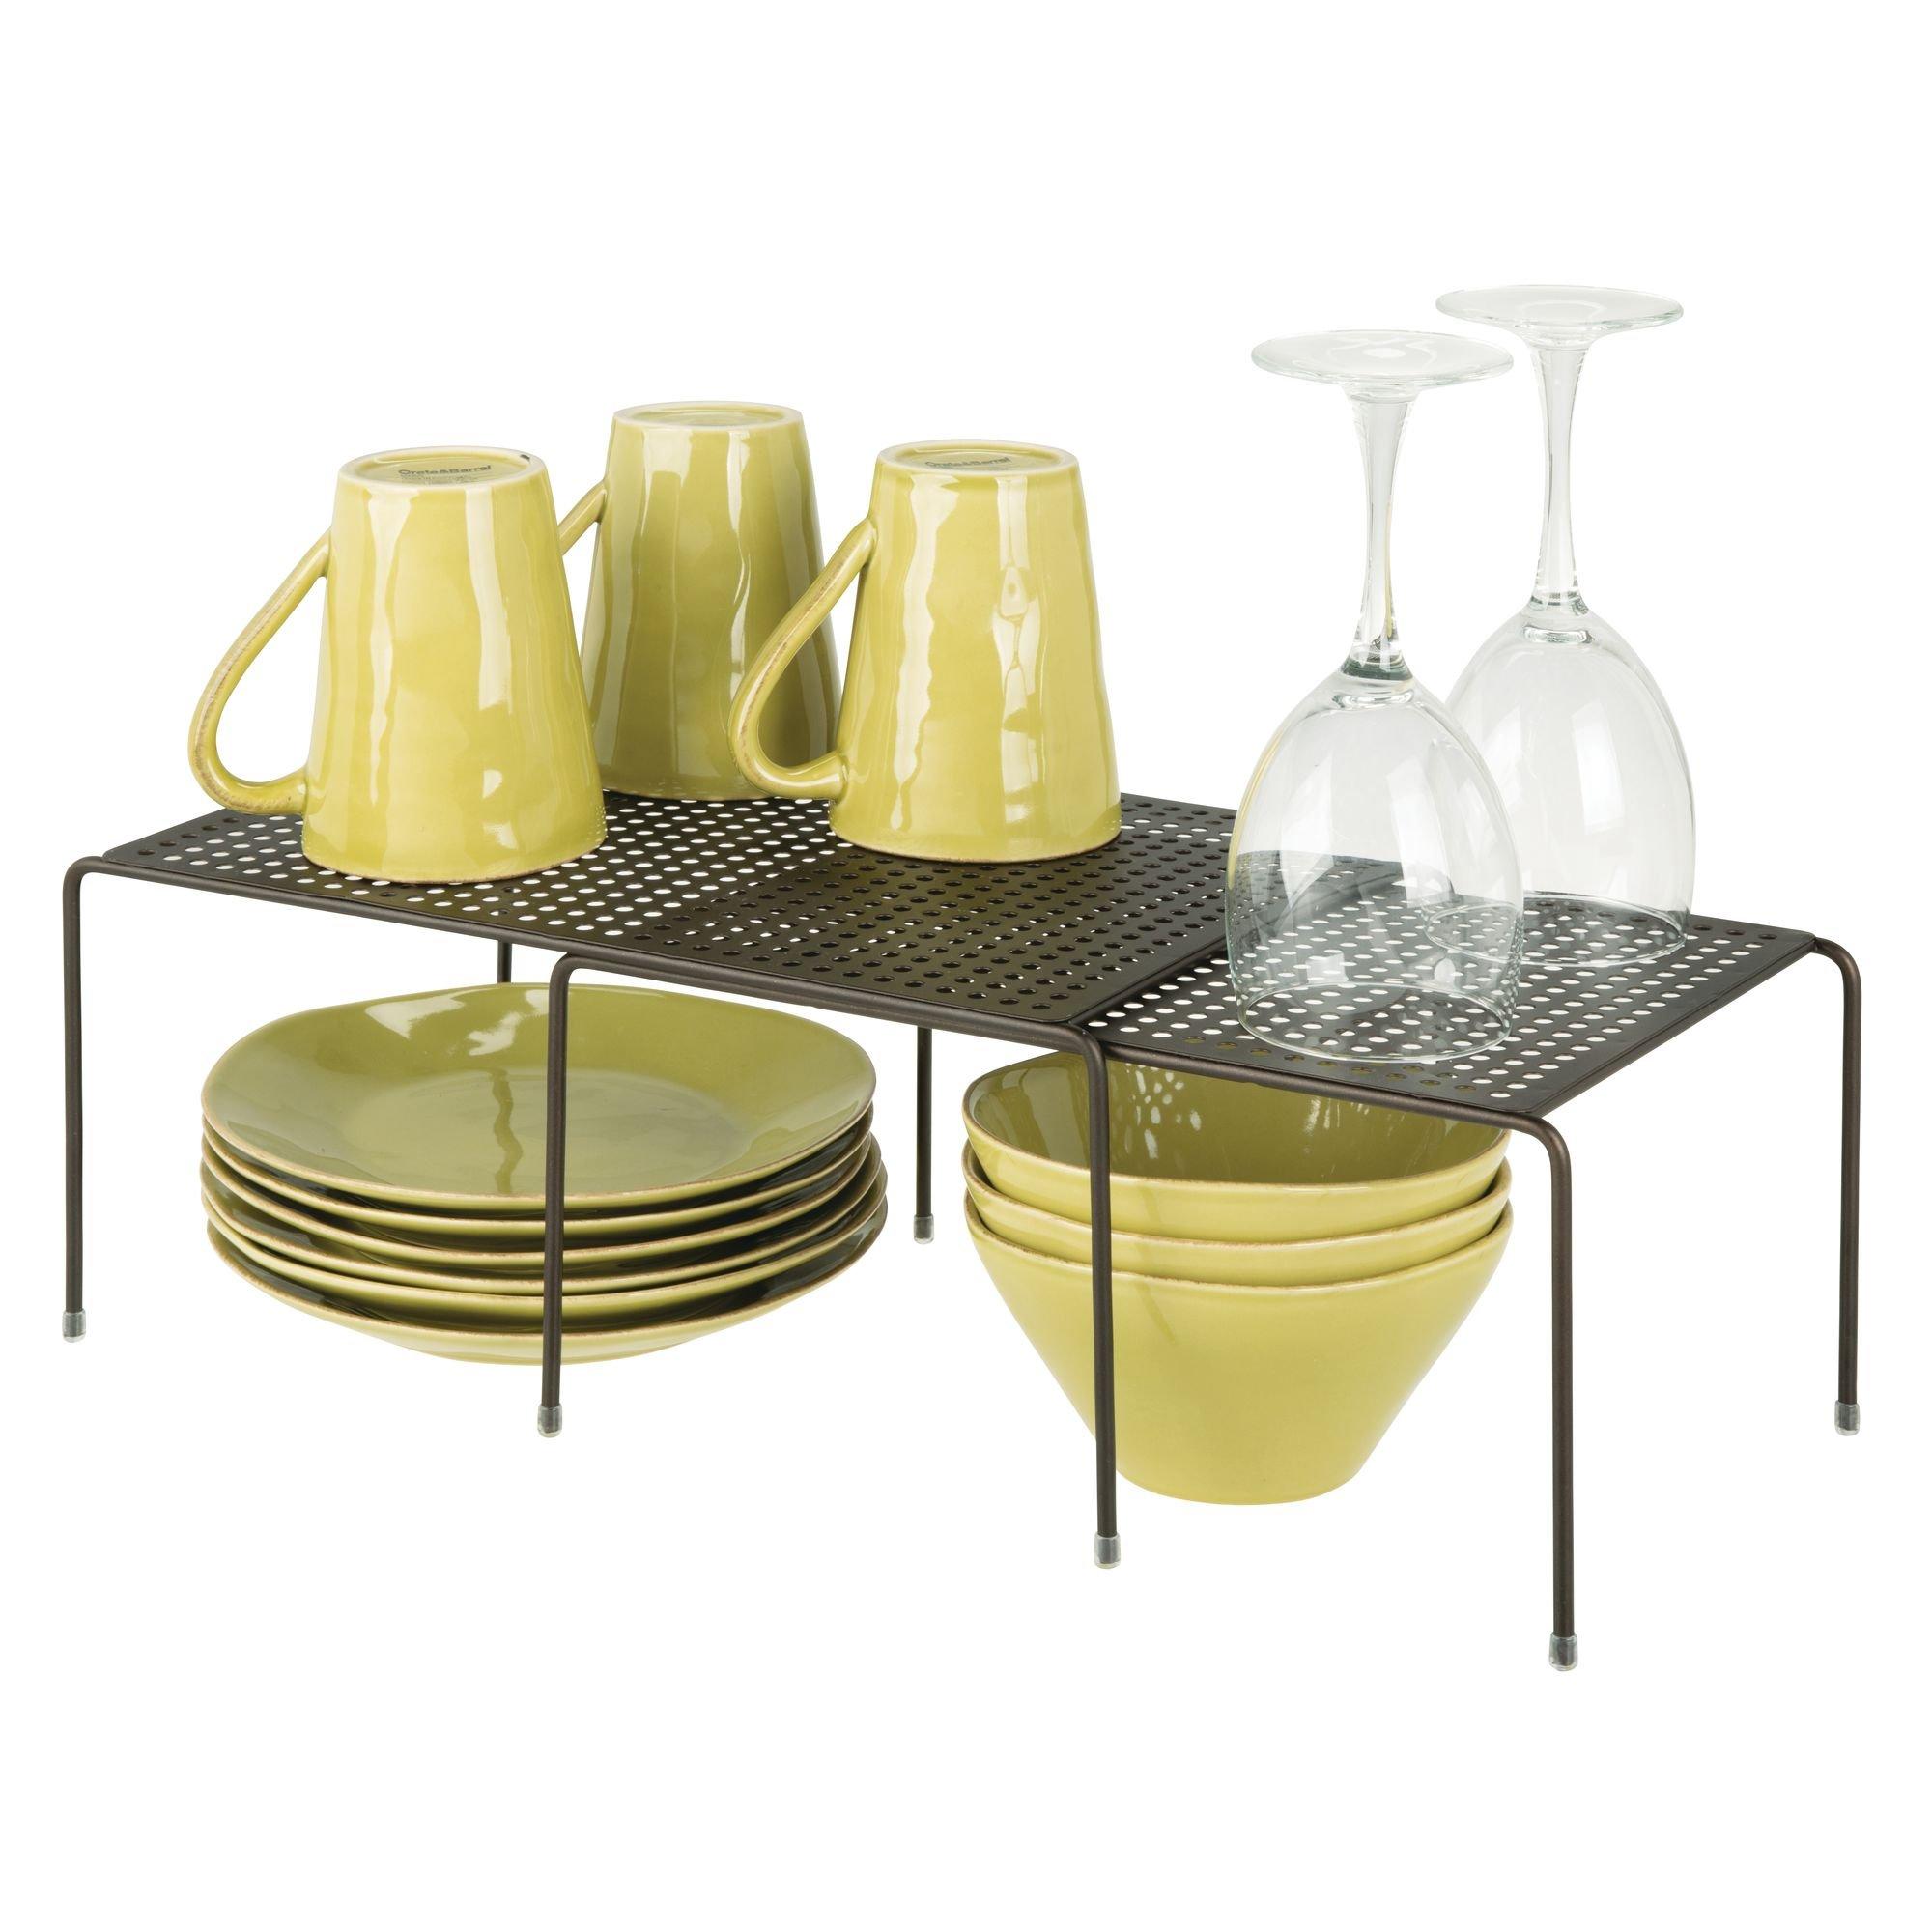 Mdesign porta piatti e porta stoviglie allungabile - Scaffale cucina ...